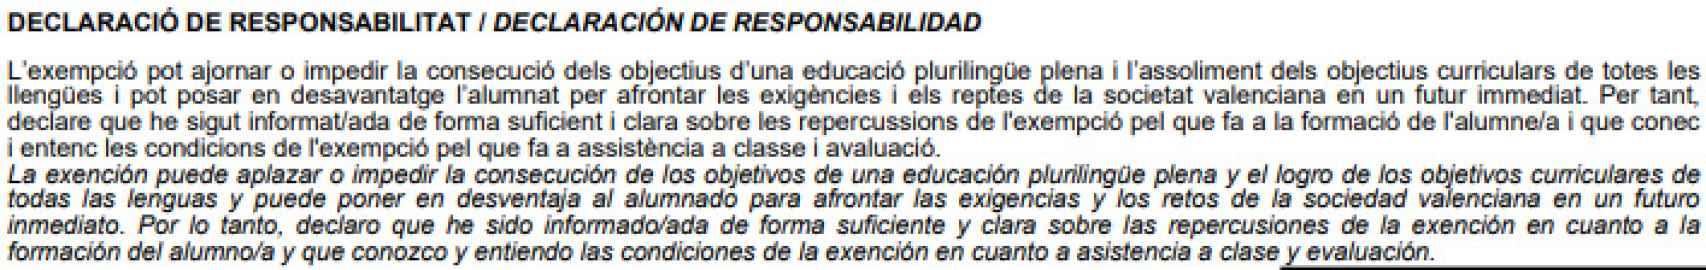 Declaración de responsabilidad dentro de la solicitud de exención del valenciano.